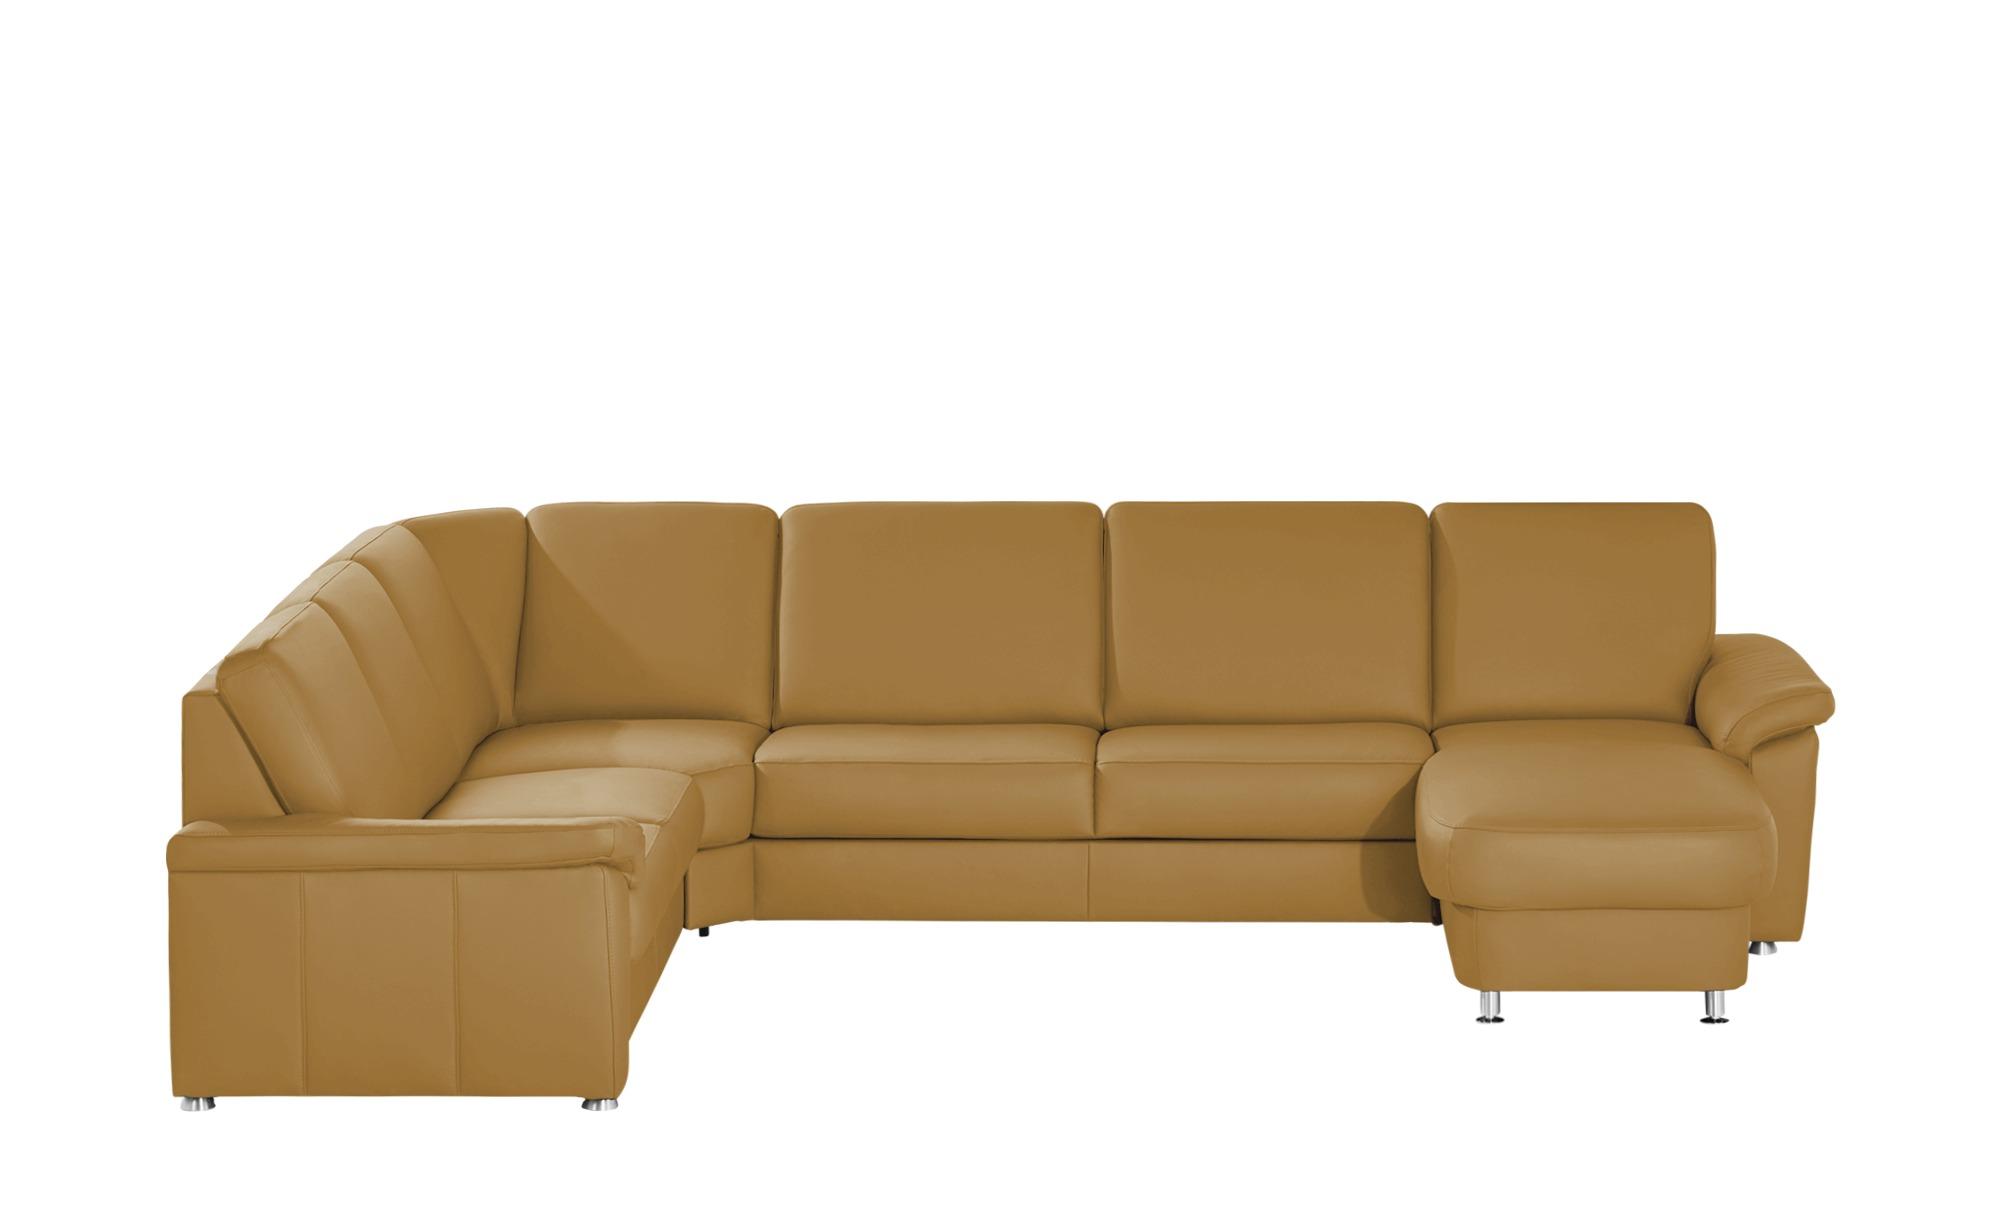 meinsofa leder wohnlandschaft carolin breite h he 91 cm. Black Bedroom Furniture Sets. Home Design Ideas